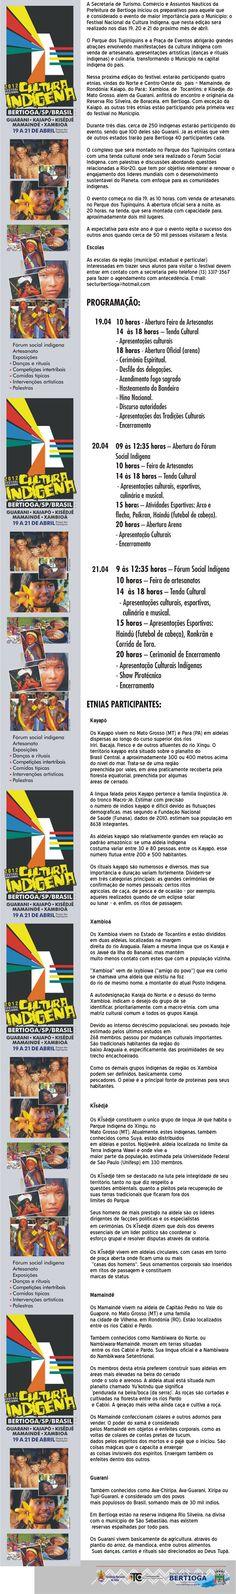 Programação do Festival Nacional da Cultura Indígena 2012 - de 19 a 21 de Abril em Bertioga